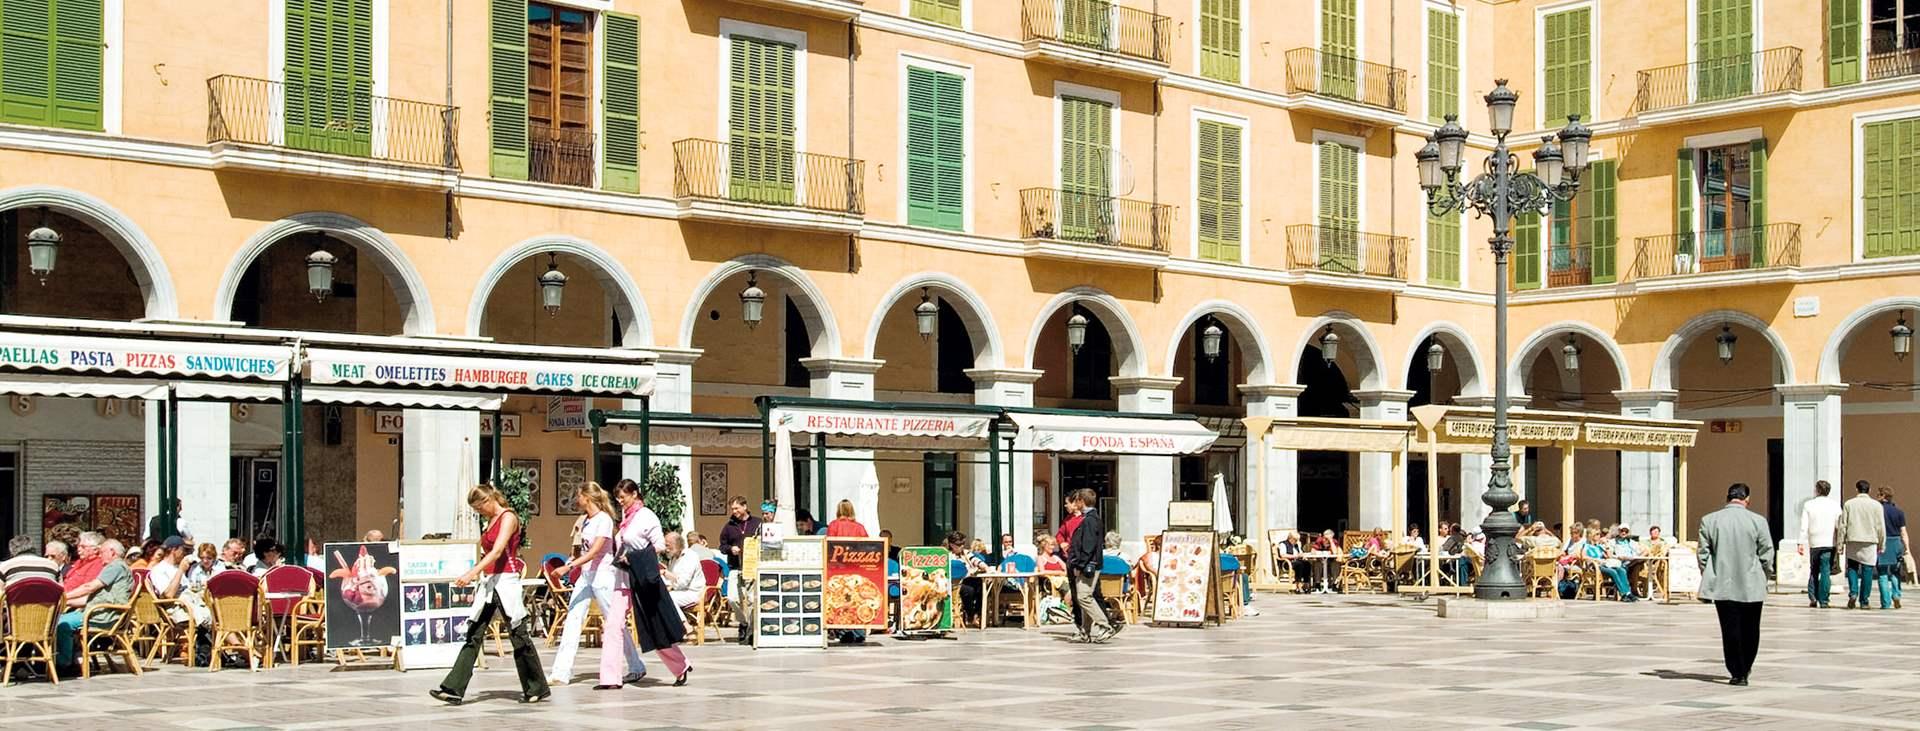 Bestill en reise med Ving til Palma by på Mallorca